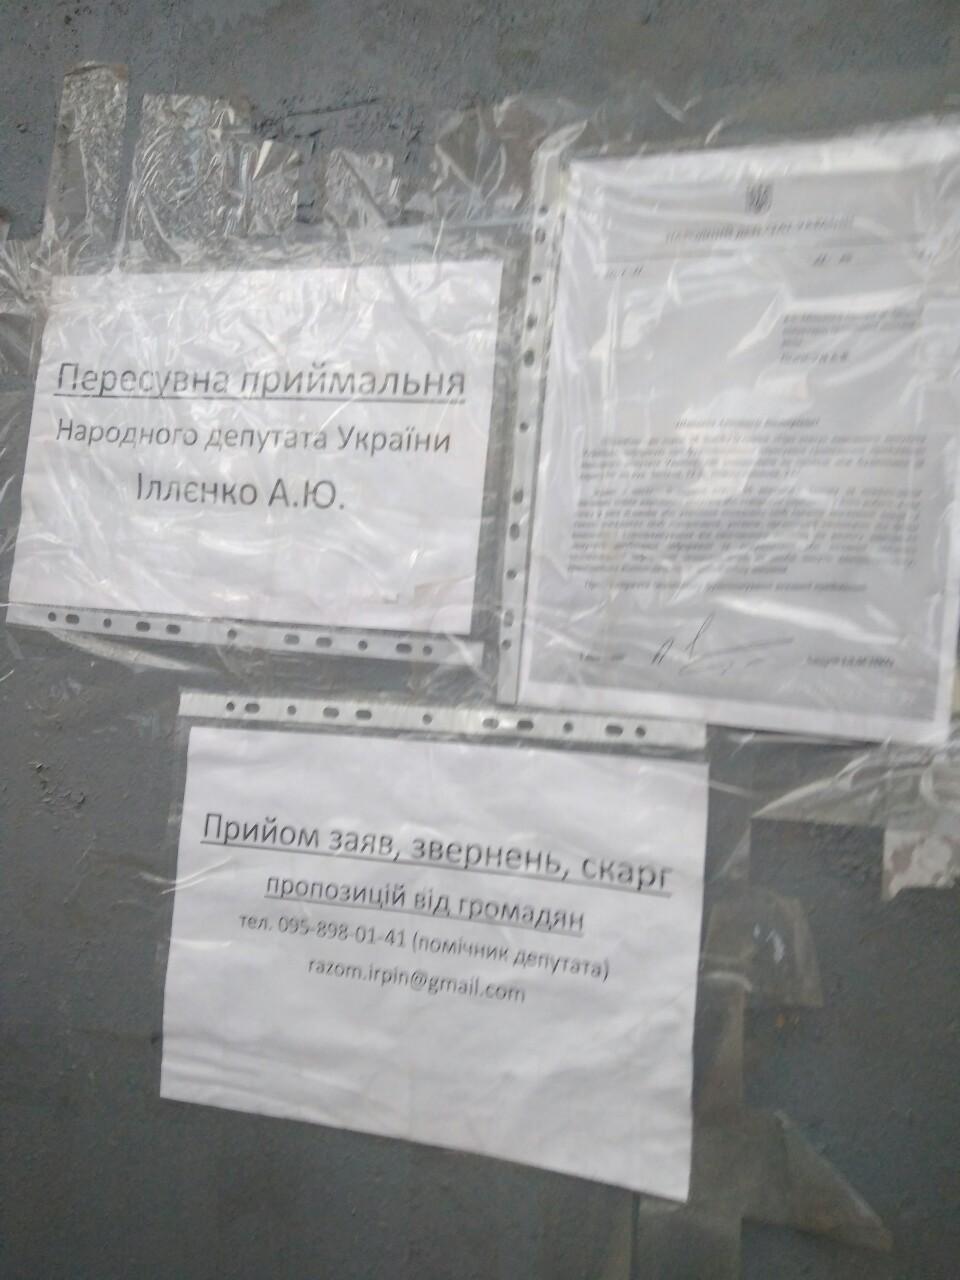 В Ірпені знову хотіли вкрасти пересувну приймальню нардепів, щоб облаштувати проїзд до ЖК -  - IMG 9fac39e3654d696a2e40c9381ec4aaa4 V